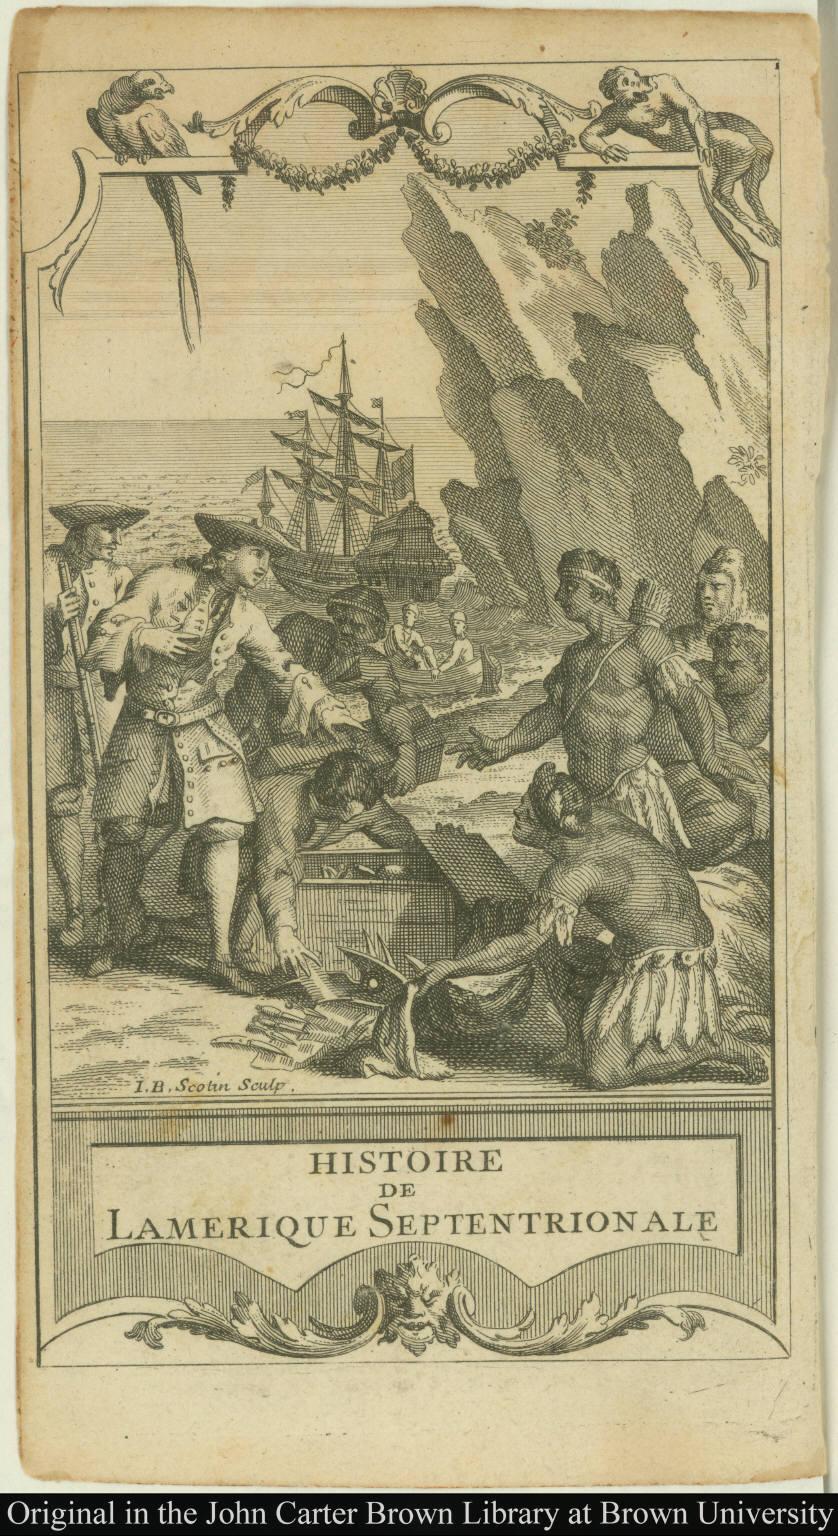 Histoire de LAmerique Septentrionale